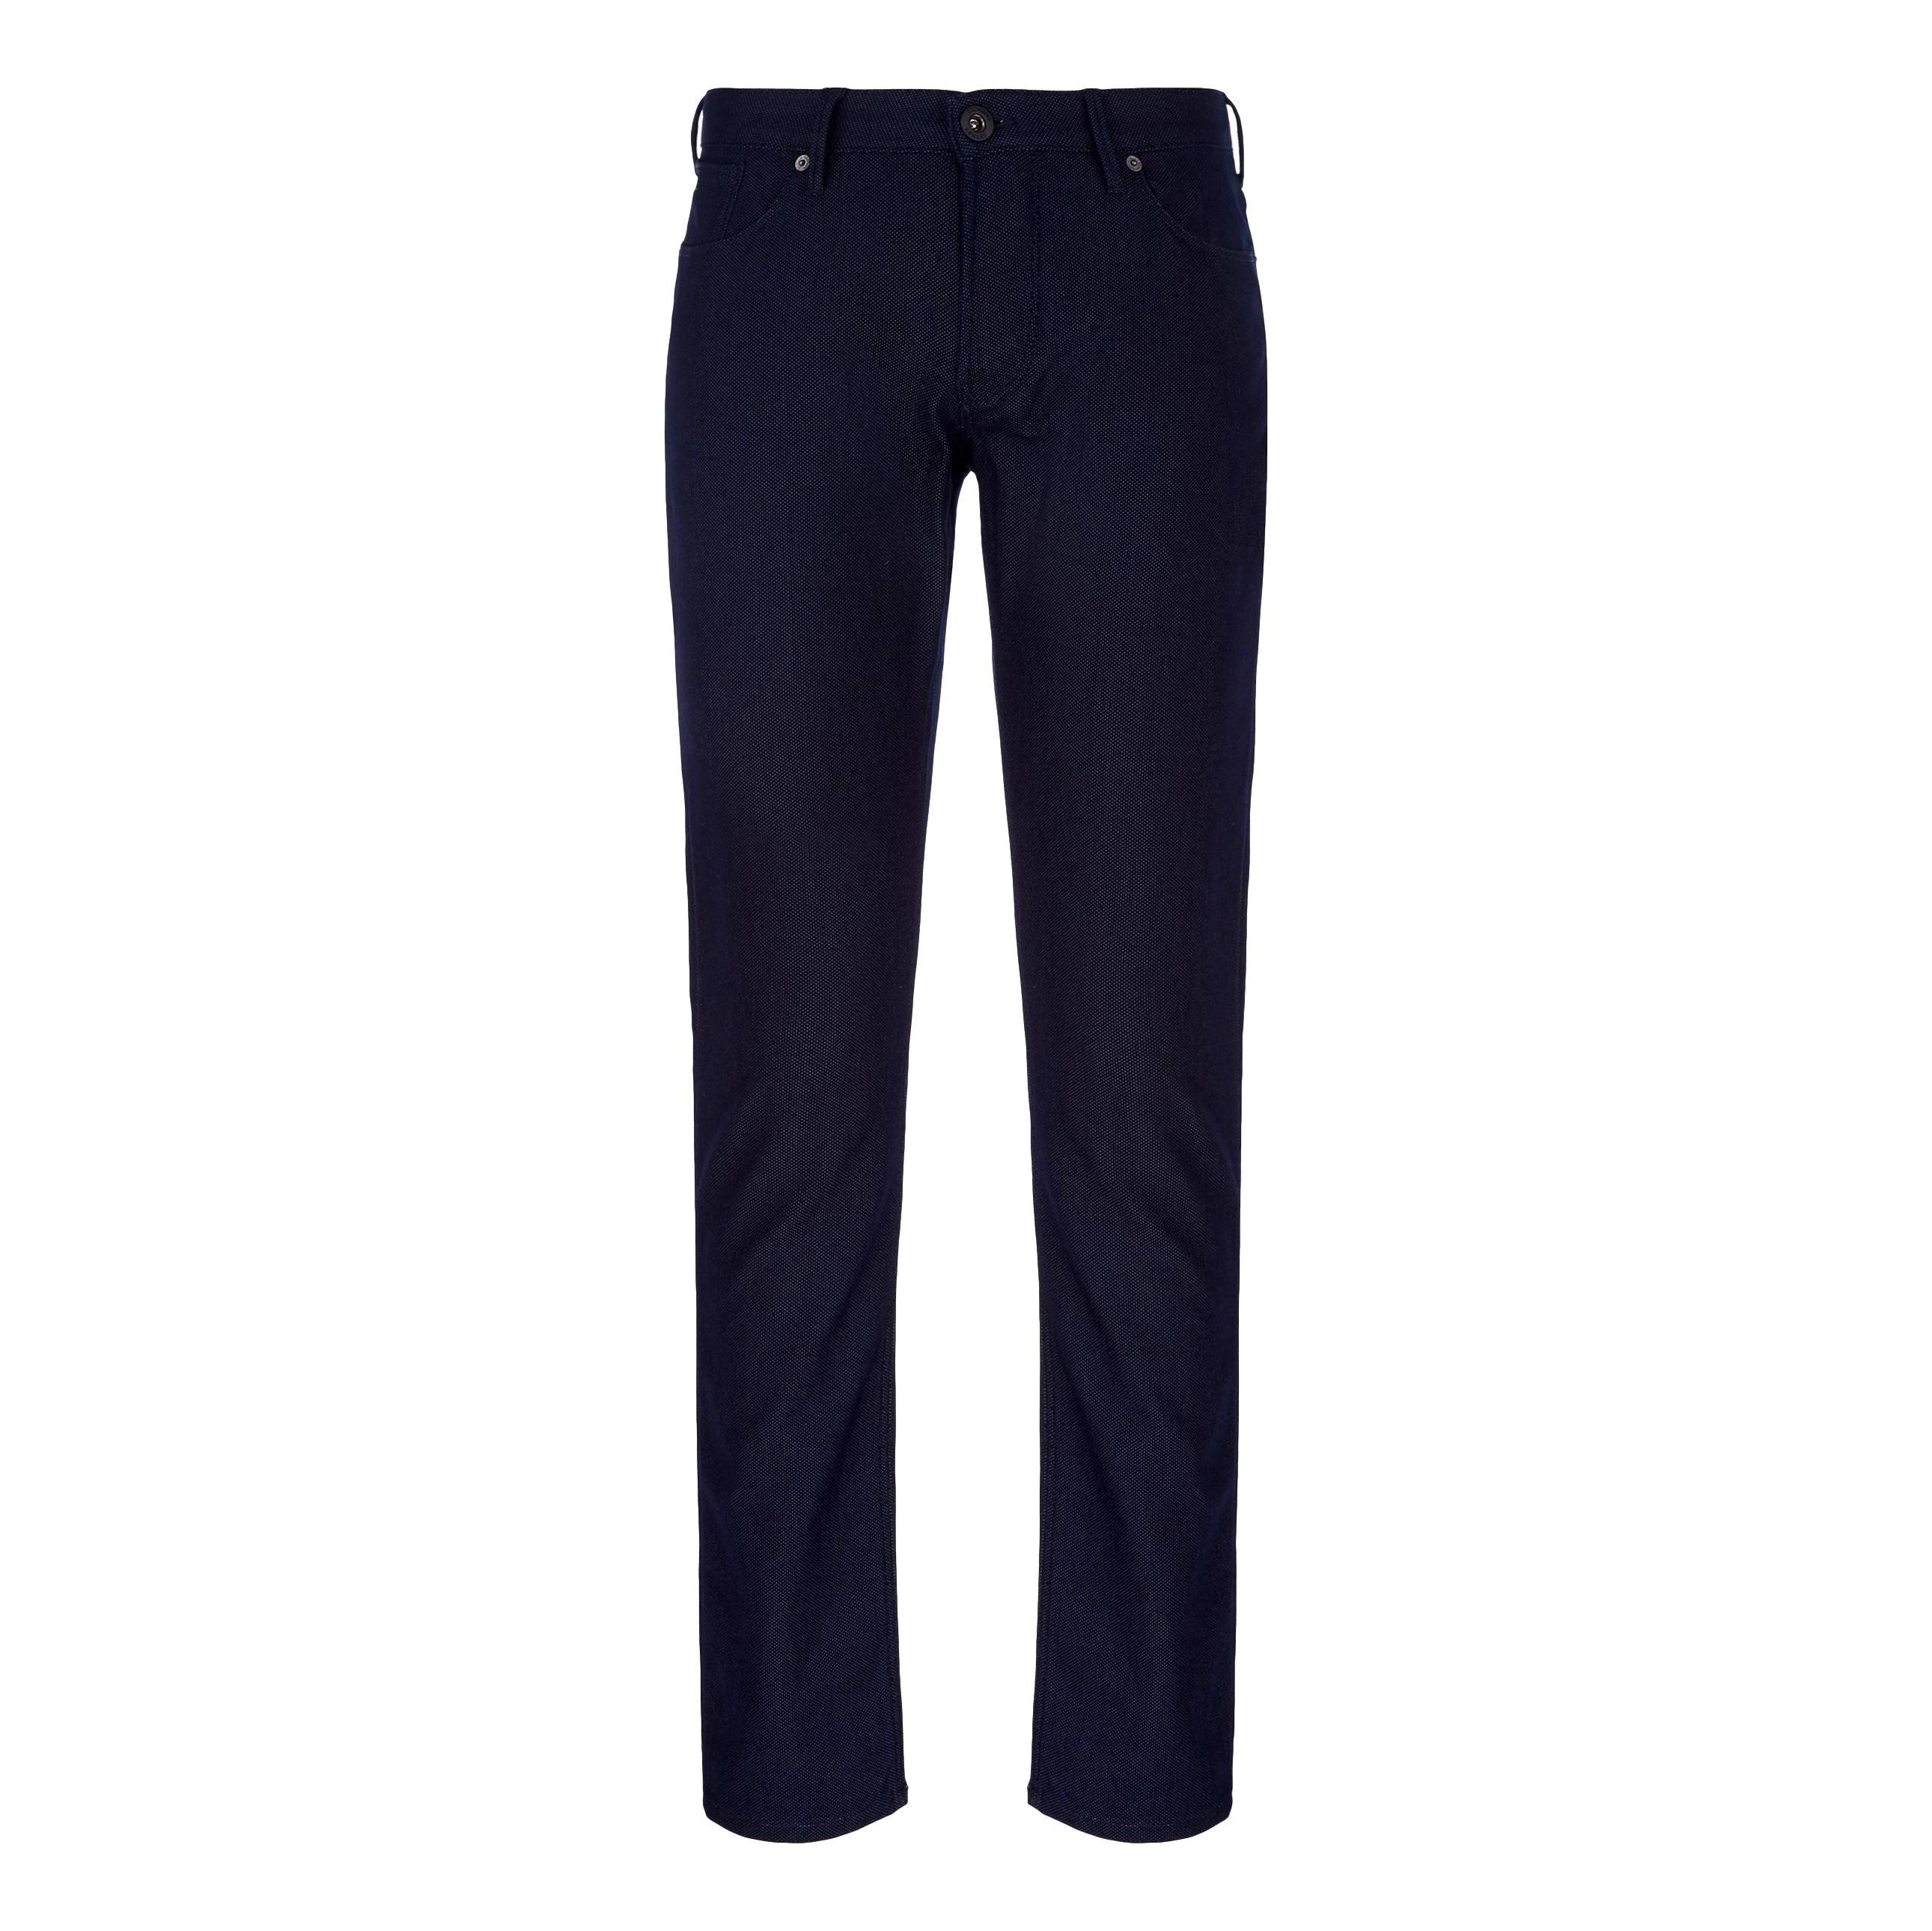 EMPORIO ARMANI PANTALONE EMPORIO ARMANI | Jeans | 6H1J06 1NF51F924